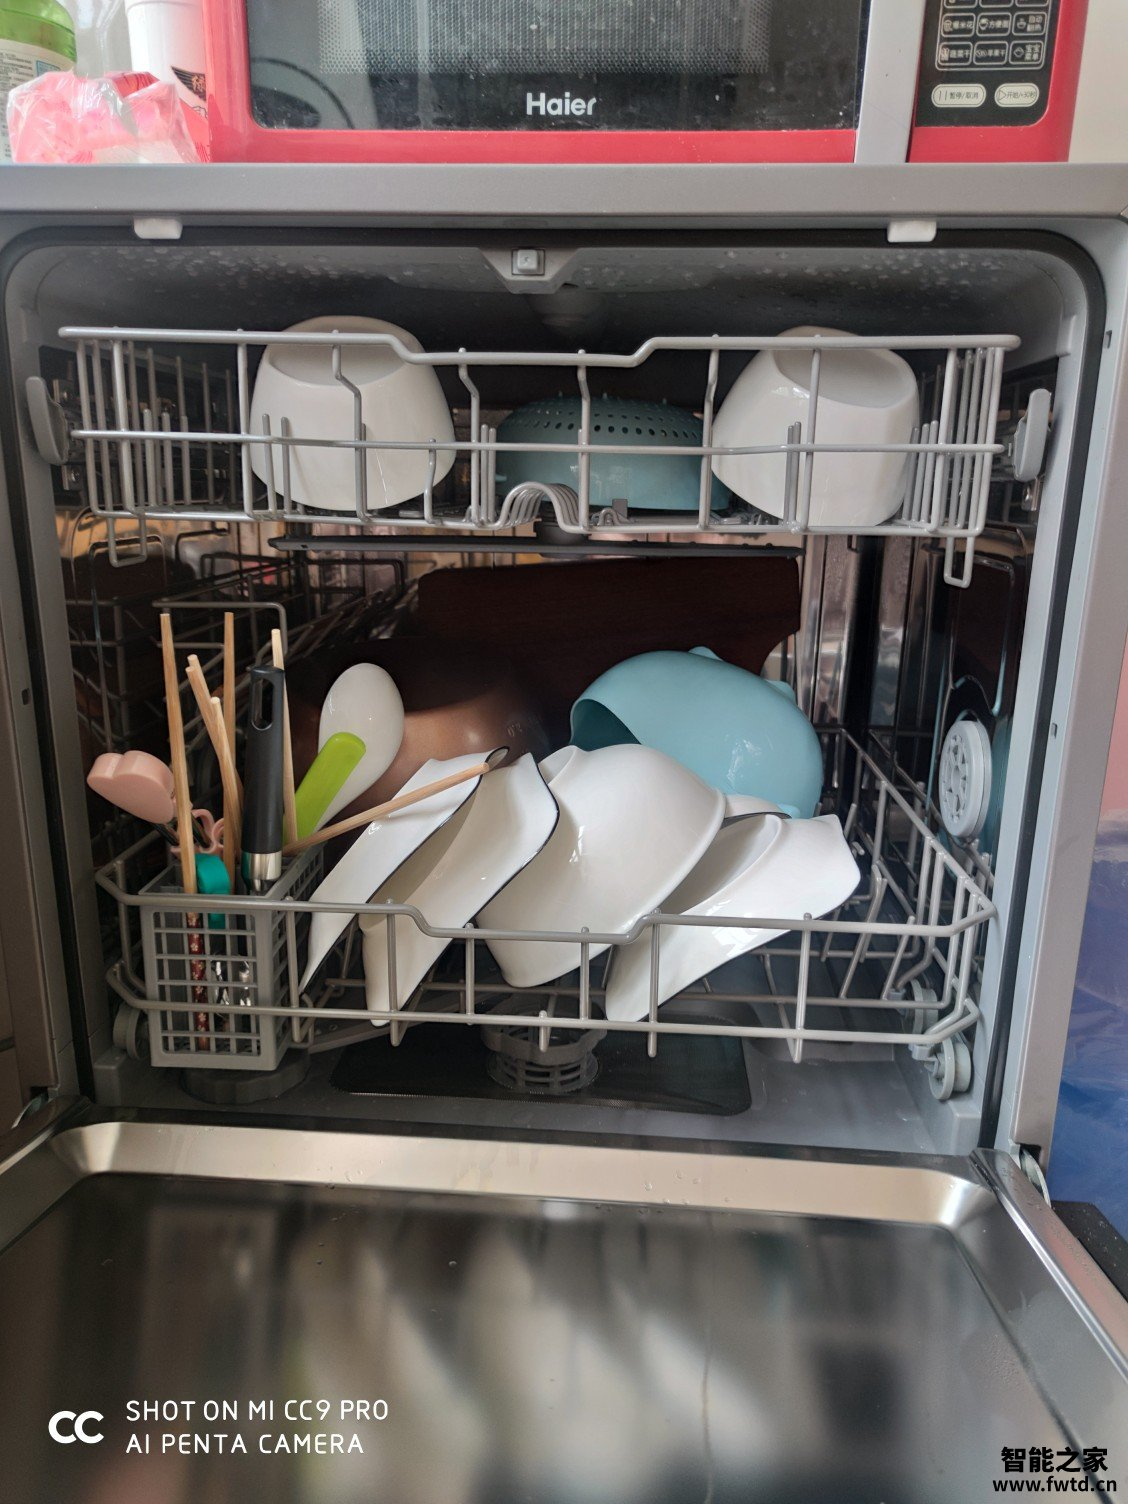 华帝H7嵌入式洗碗机怎么样?反馈如何?已使用点评